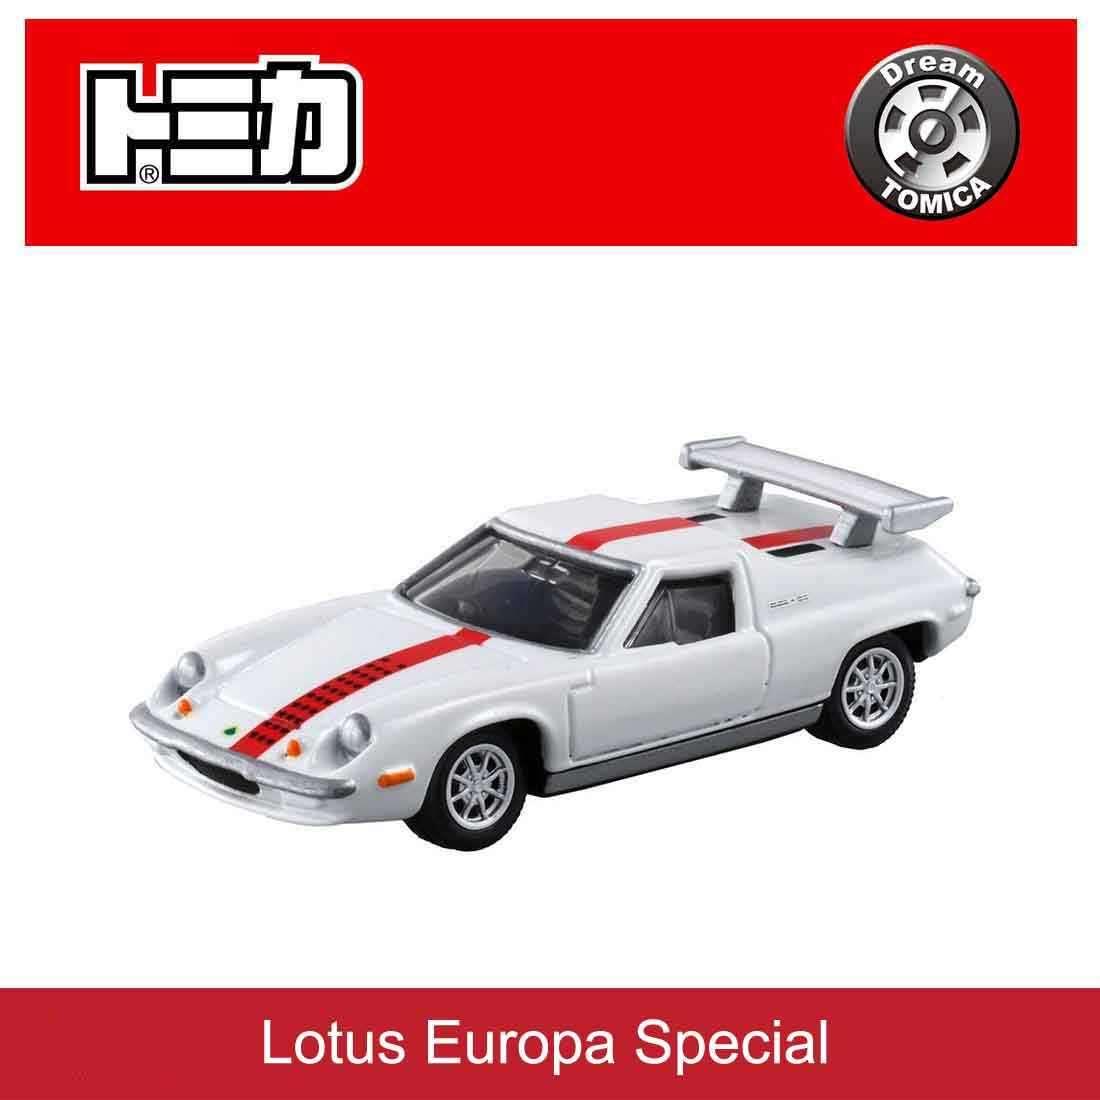 Xe mô hình Tomica Lotus Europa Special tỷ lệ 1/59